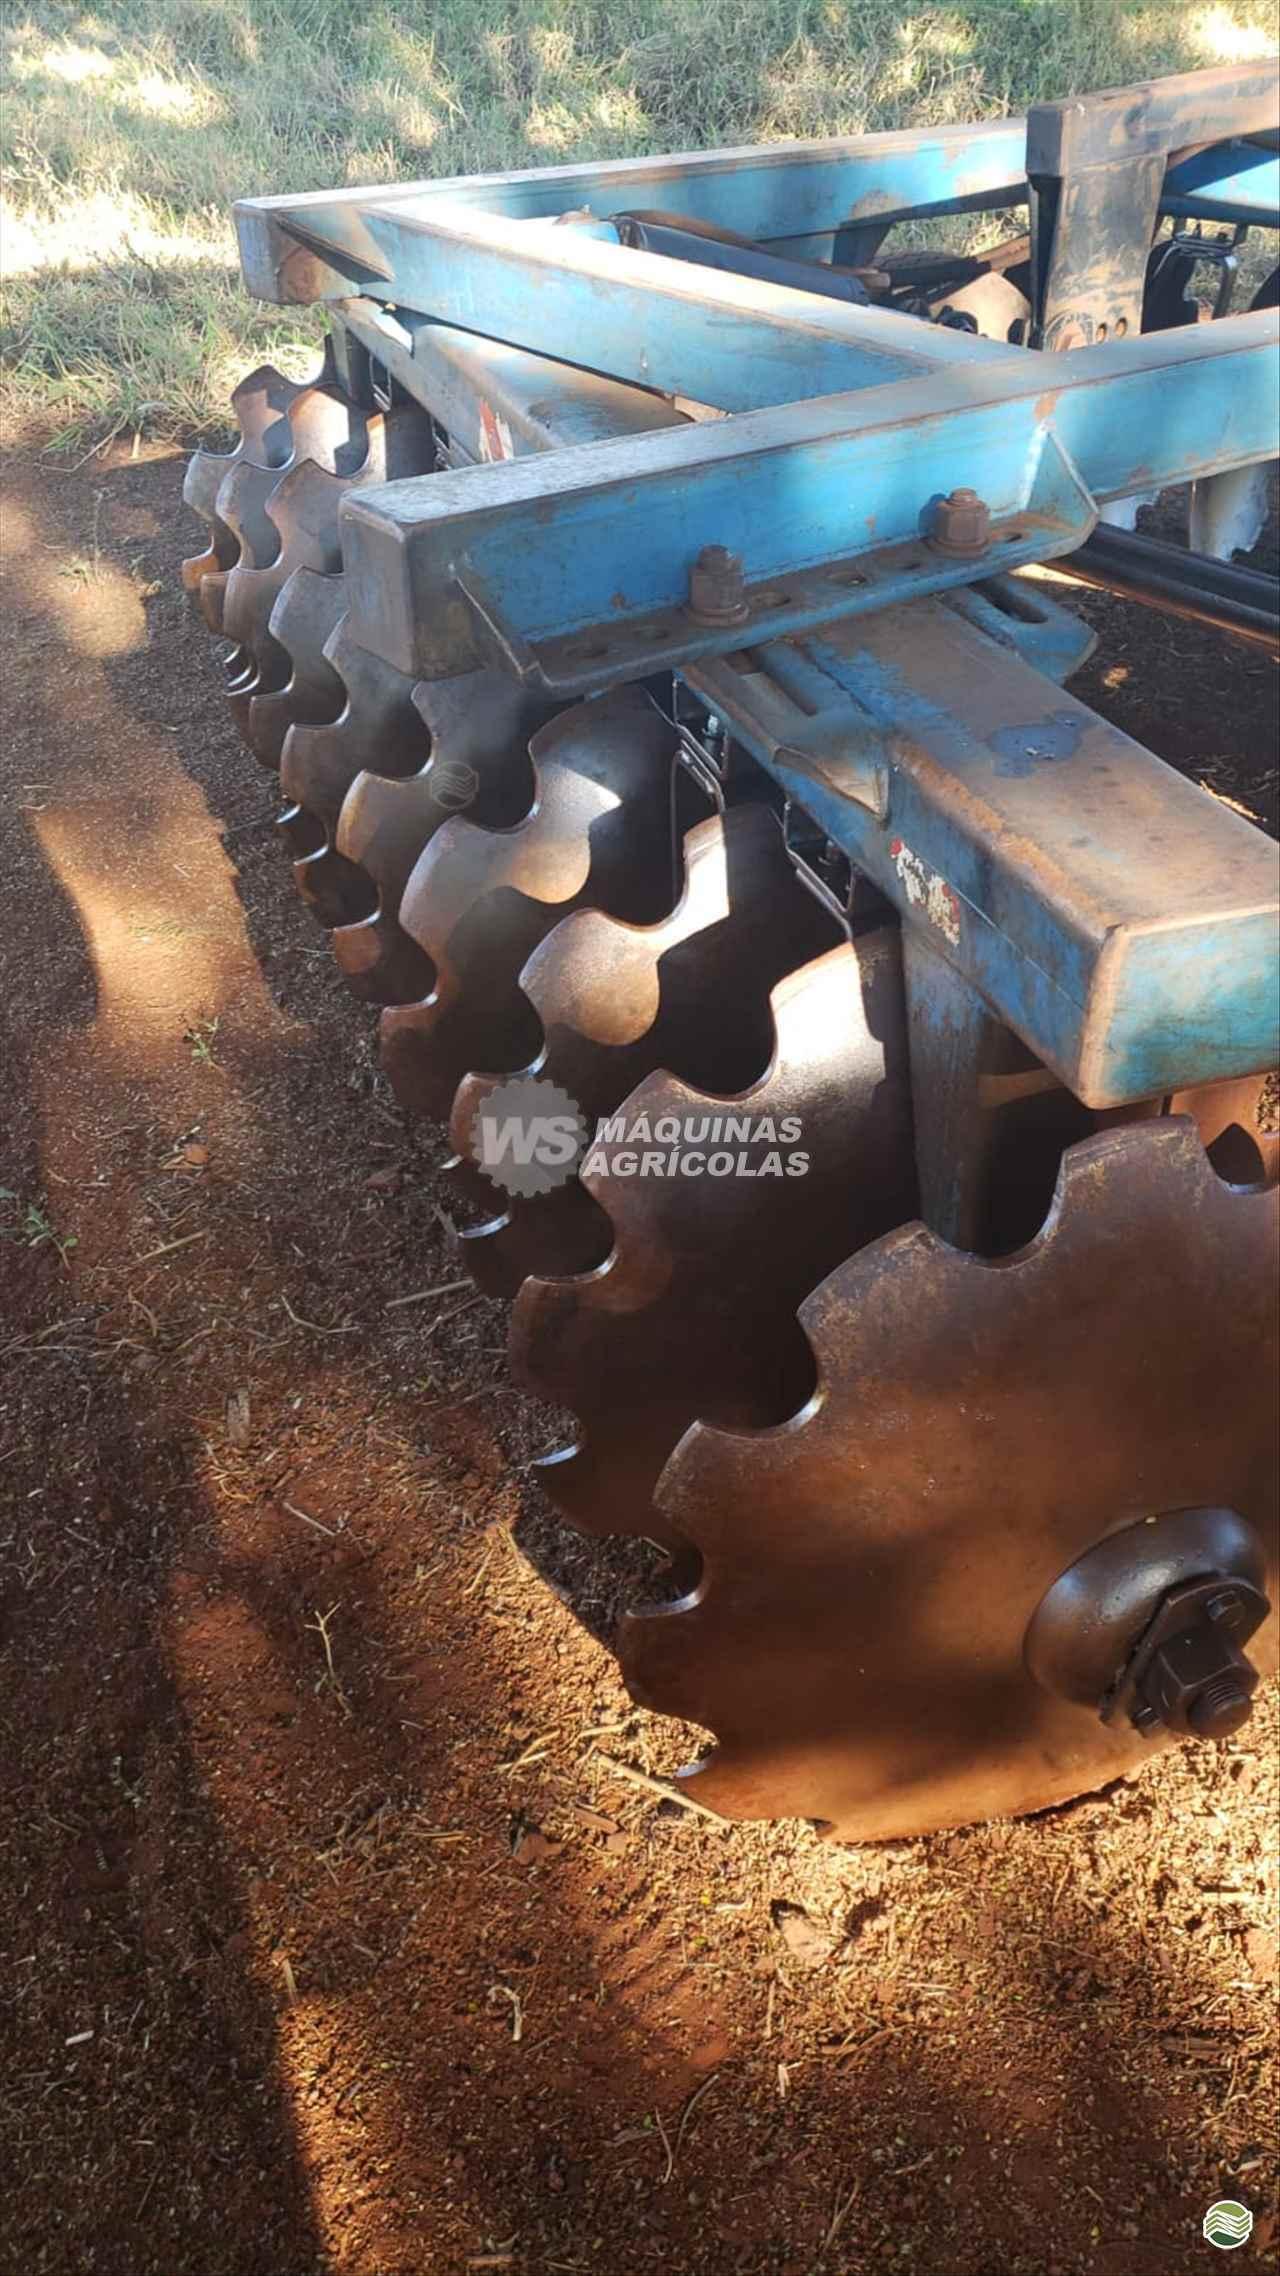 INTERMEDIÁRIA 20 DISCOS de WS Máquinas Agrícolas - SERTAOZINHO/SP